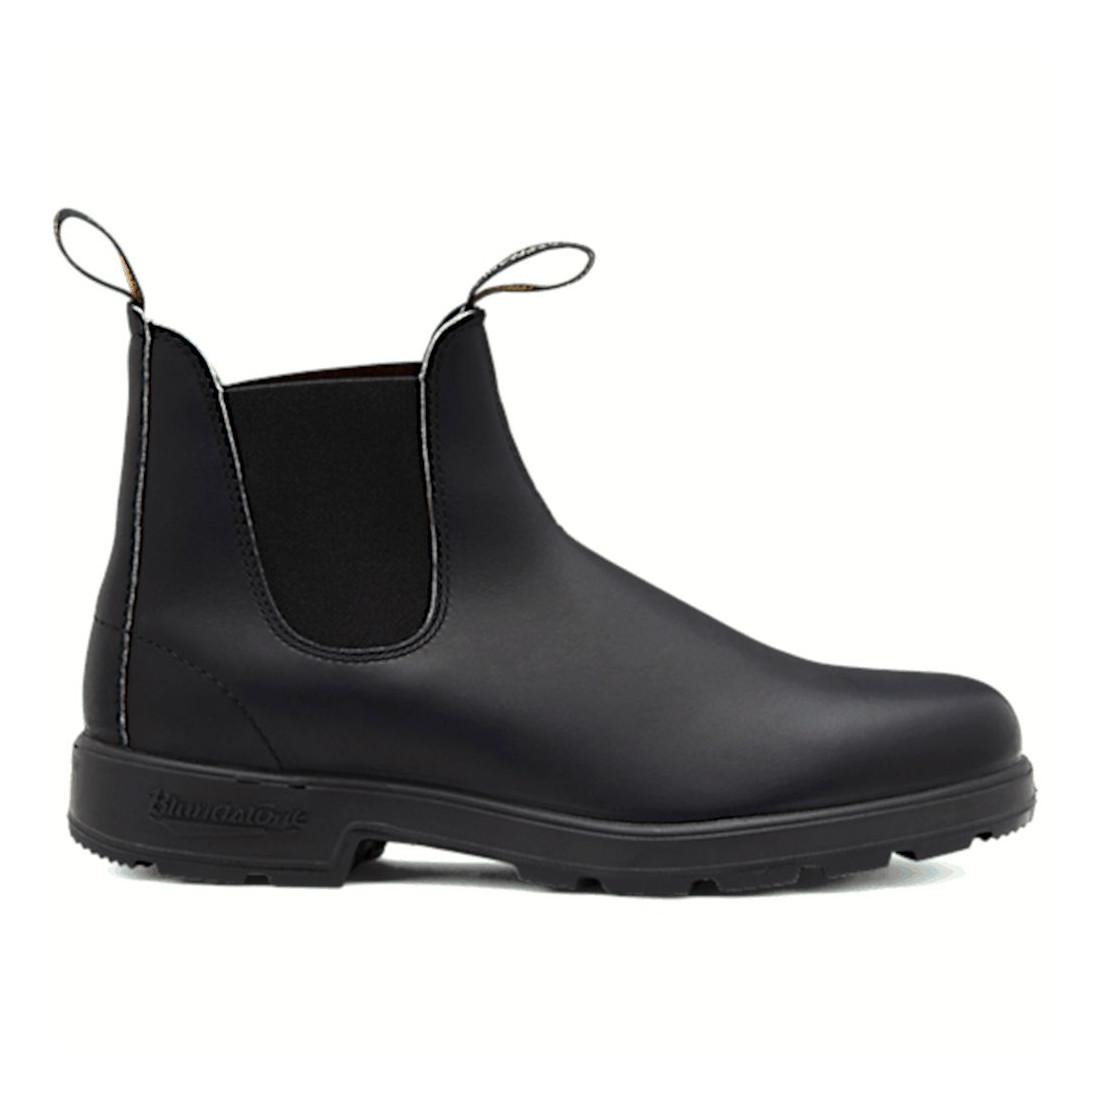 stivaletti uomo blundstone bccal0012 510el side boot 591